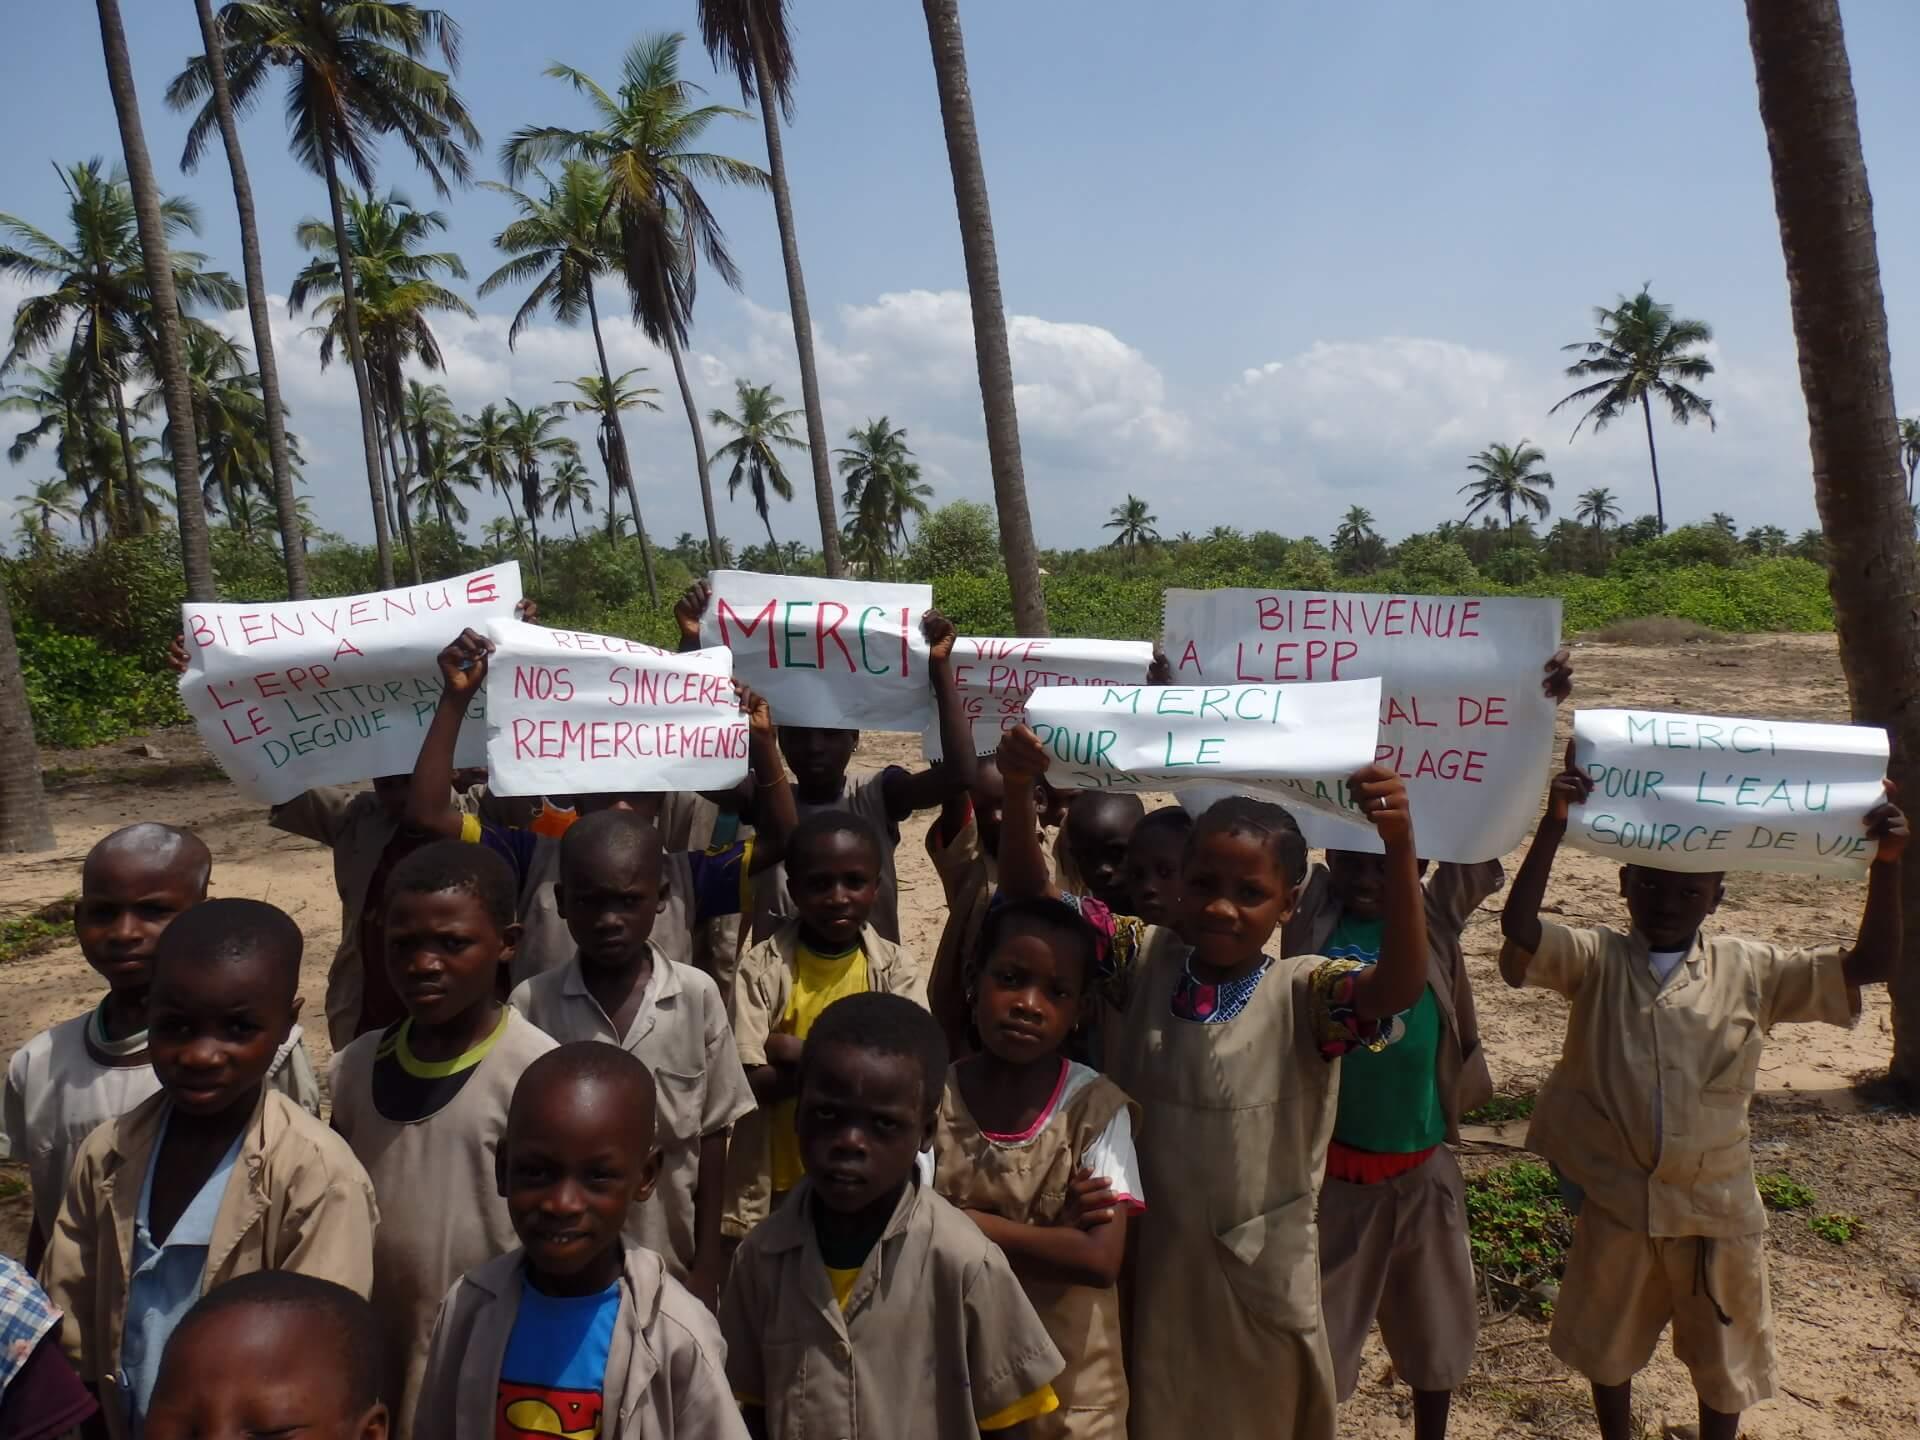 Enfant au bénin tenant pancartes de remerciement